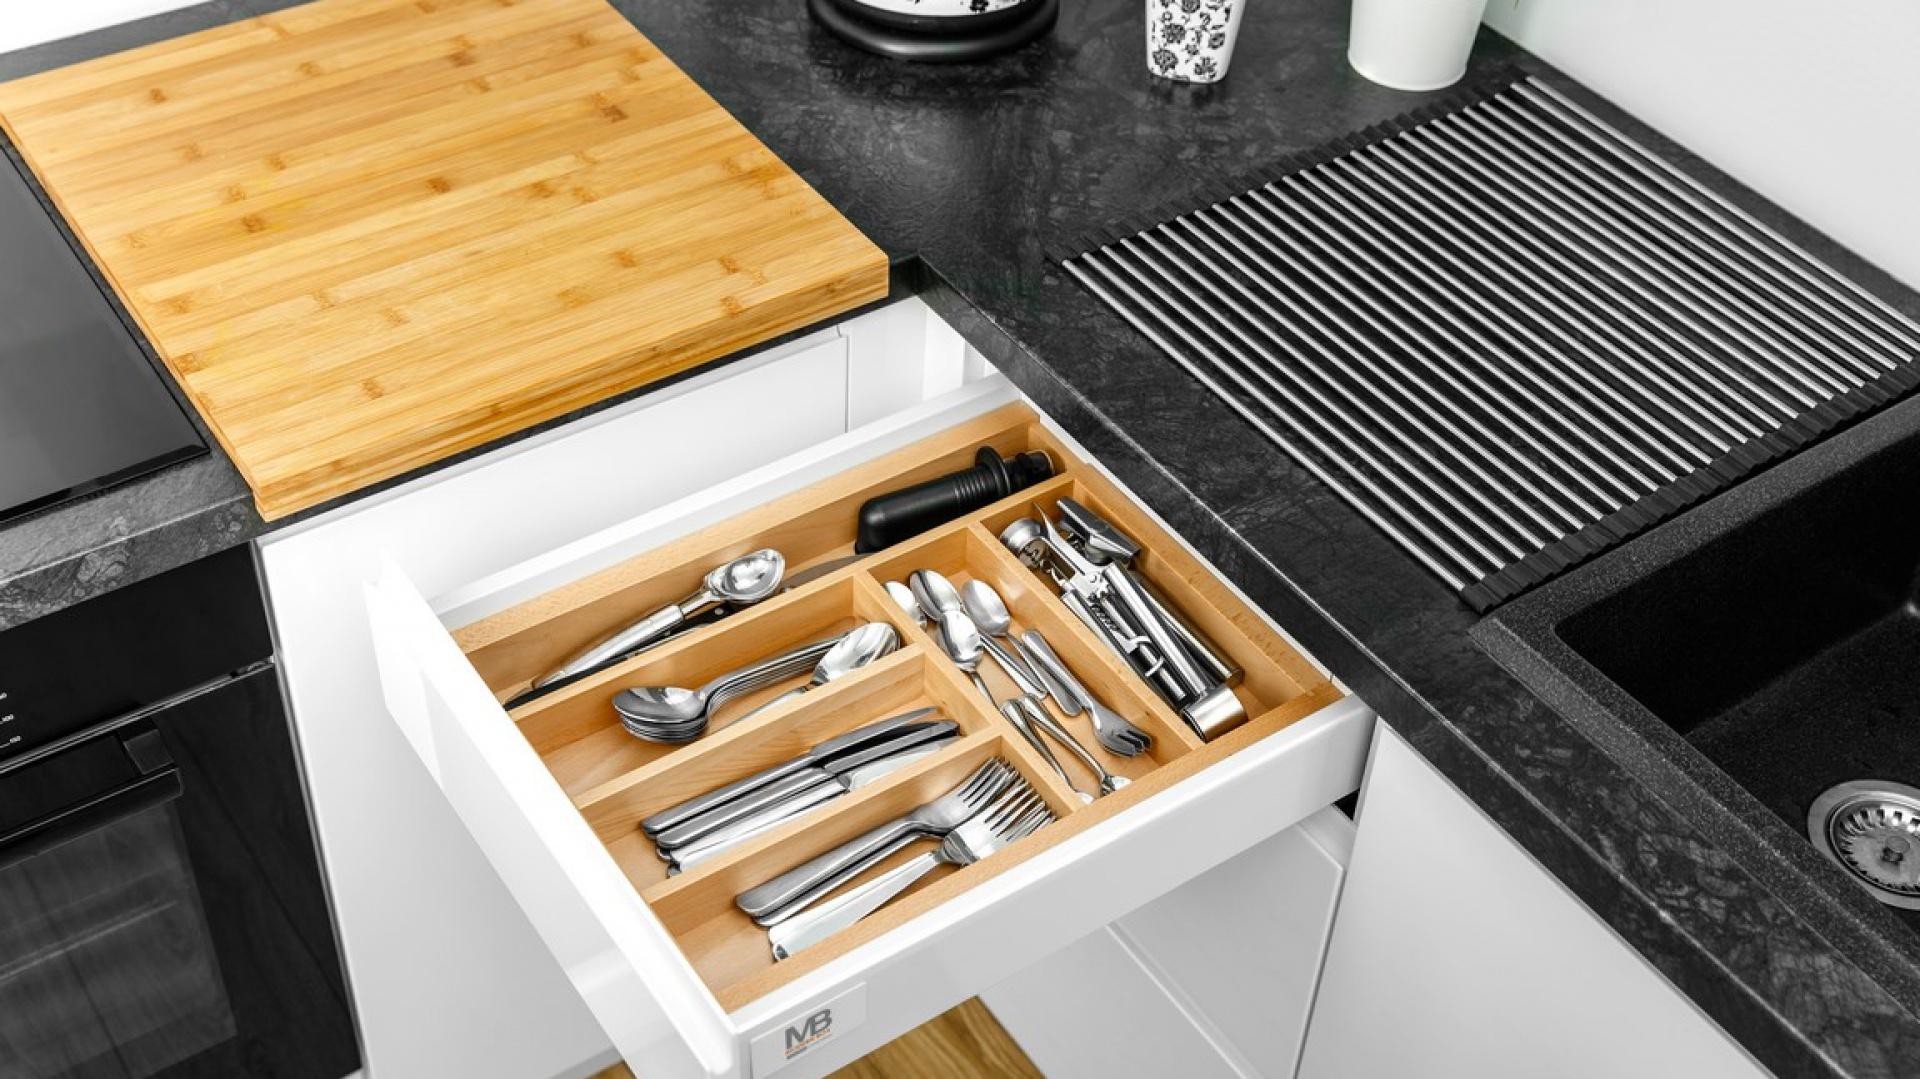 Istotą Wood'in'set jest możliwość dowolnej organizacji aranżowanej przestrzeni. Obok bazowej propozycji CUSTOMI, GTV oferuje szeroki wachlarz akcesoriów, które uzupełnią drewnianą kolekcję i pozwolą na jeszcze lepsze zagospodarowanie miejsca w szufladzie. Fot. GTV